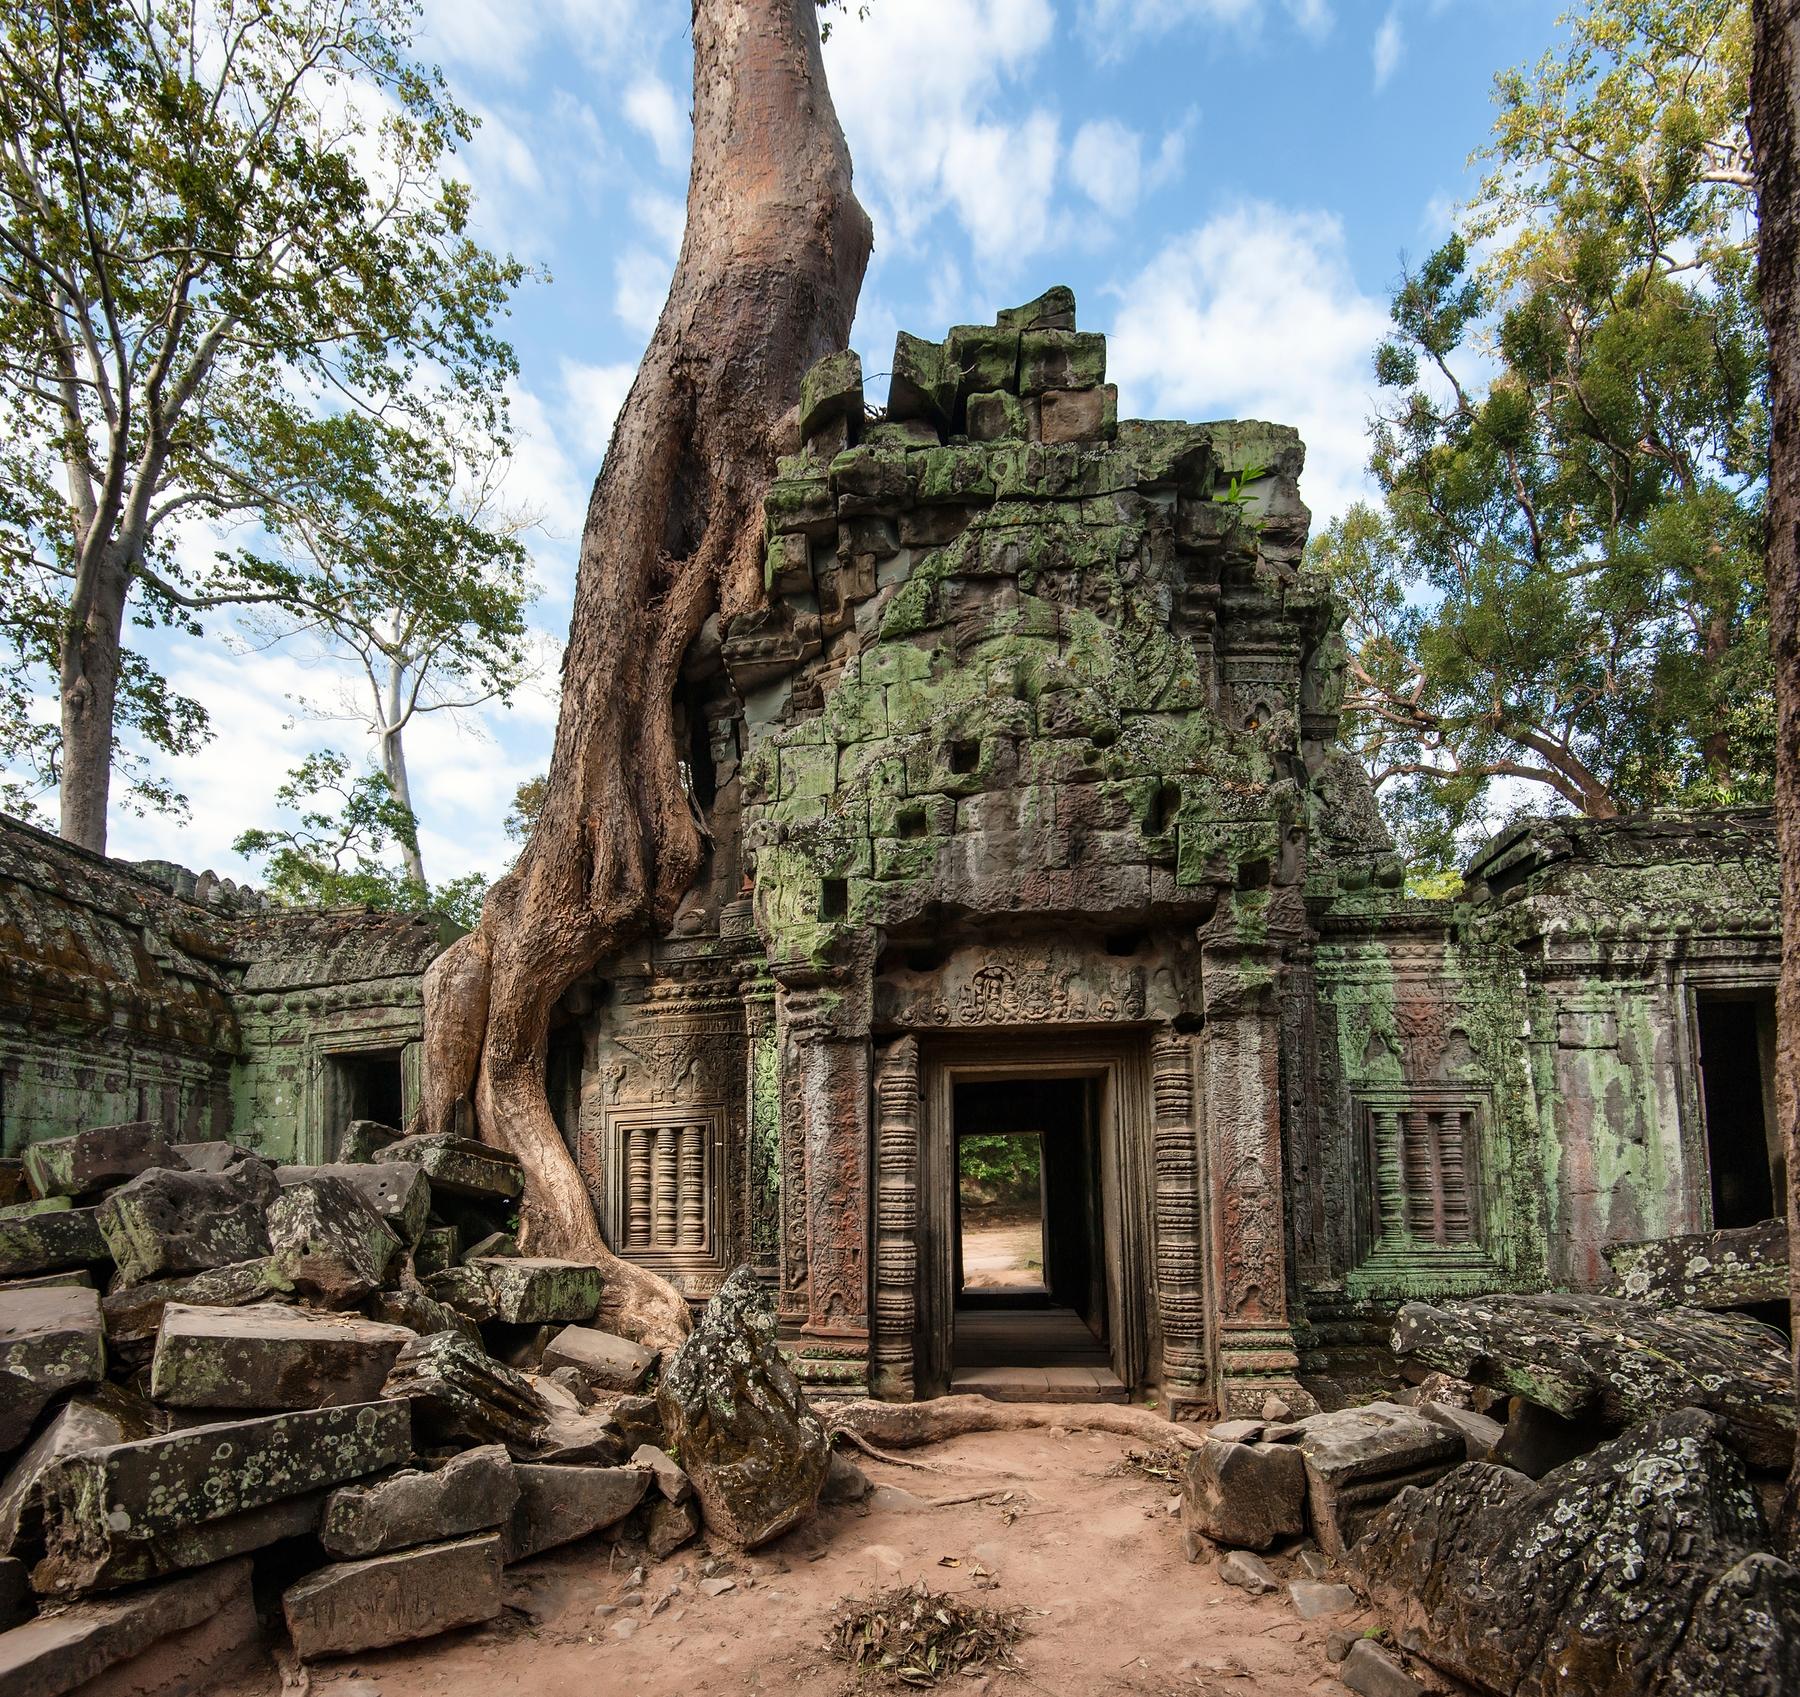 Los 20 lugares más fascinantes del mundo: Camboya